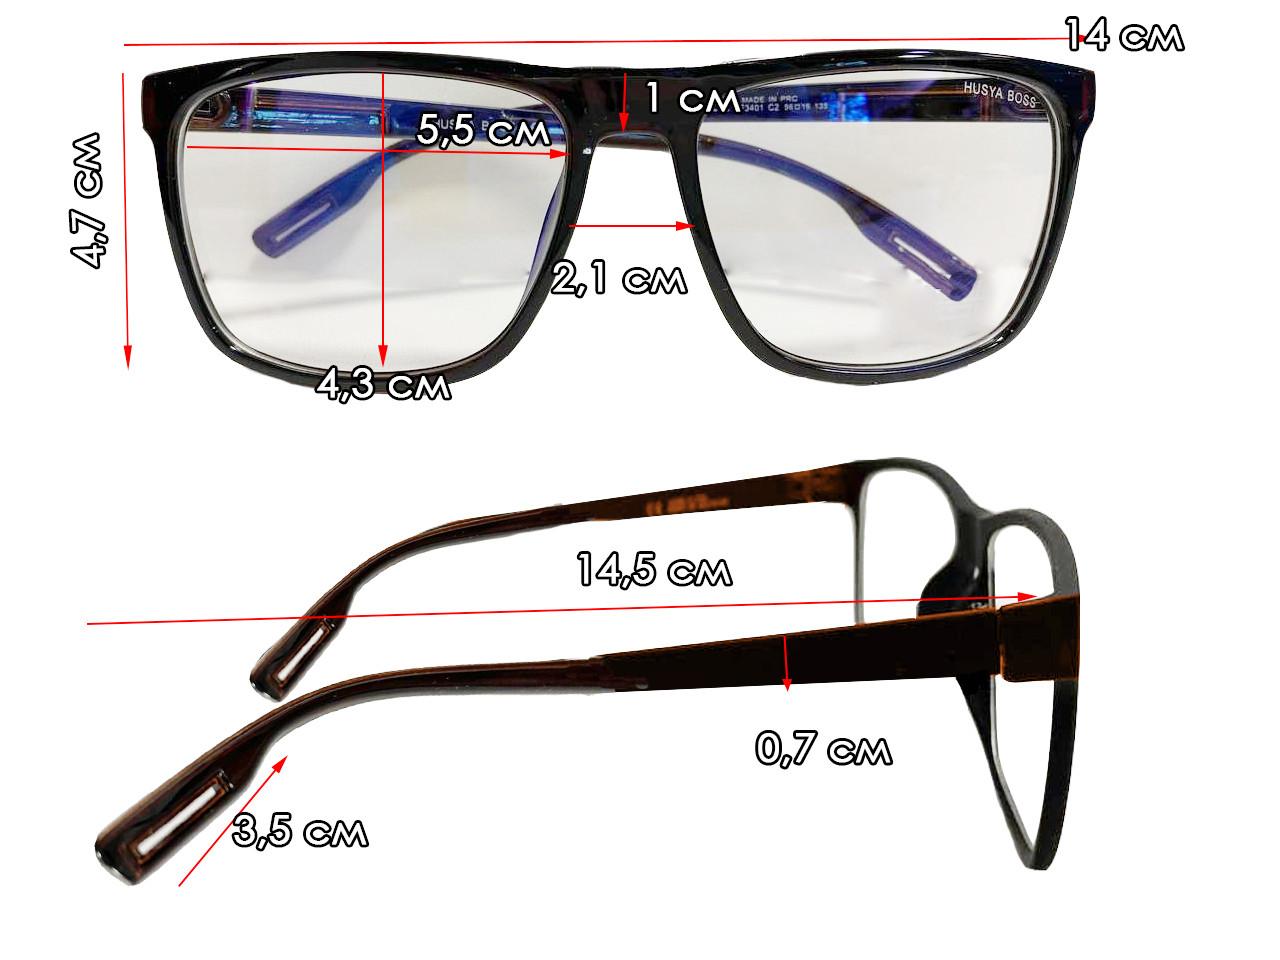 Компьютерные очки хамелеоны с тоненькой душкой узкая оправа глянцевая Husya boss черные - фото 2